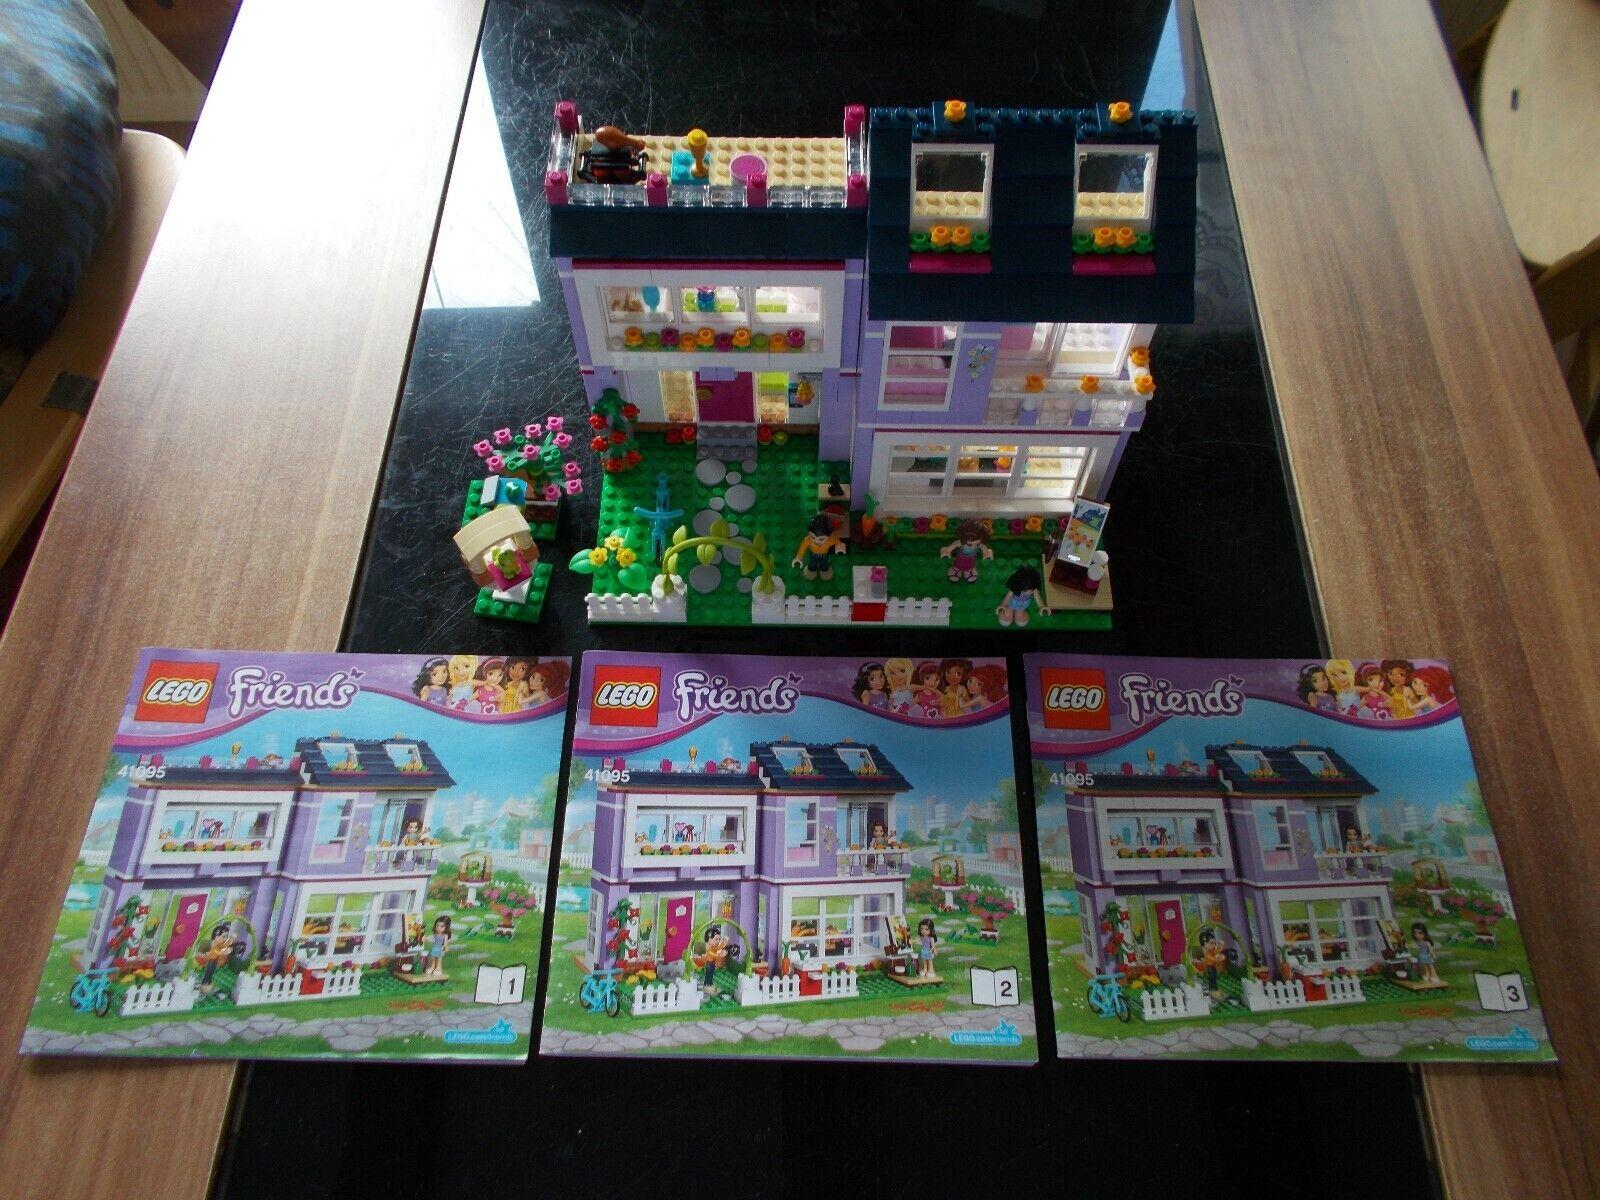 per il tuo stile di gioco ai prezzi più bassi LEGO ® Friends - 41095-Emma casa casa casa familiare-con recipe (BA)  edizione limitata a caldo